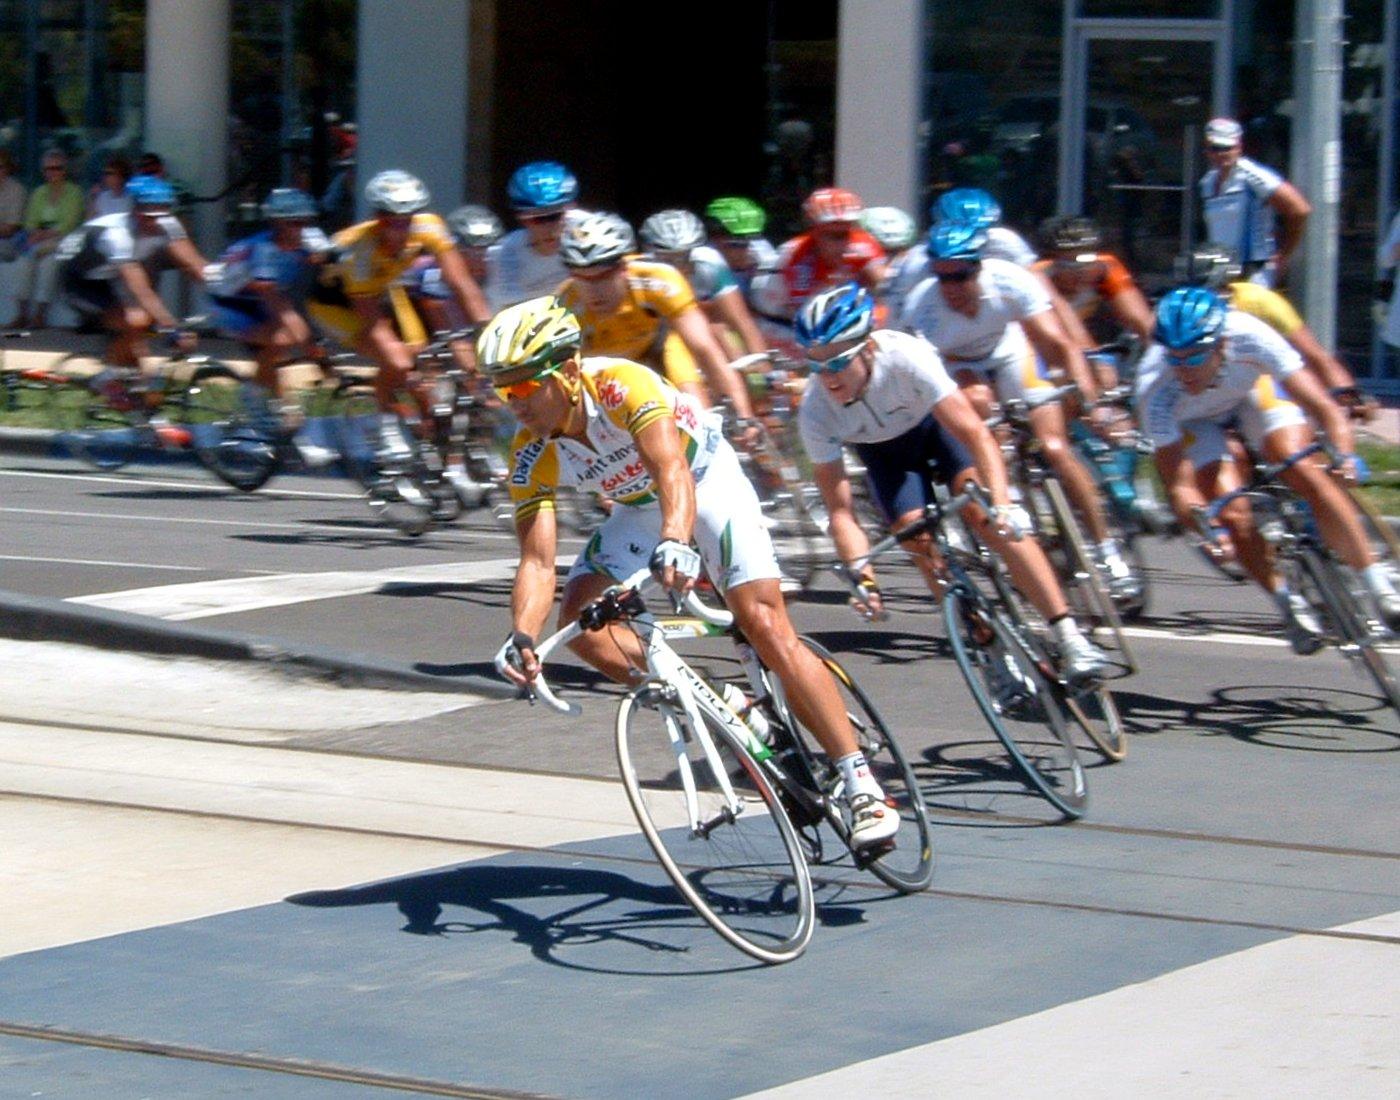 Tour de France comes to Australia